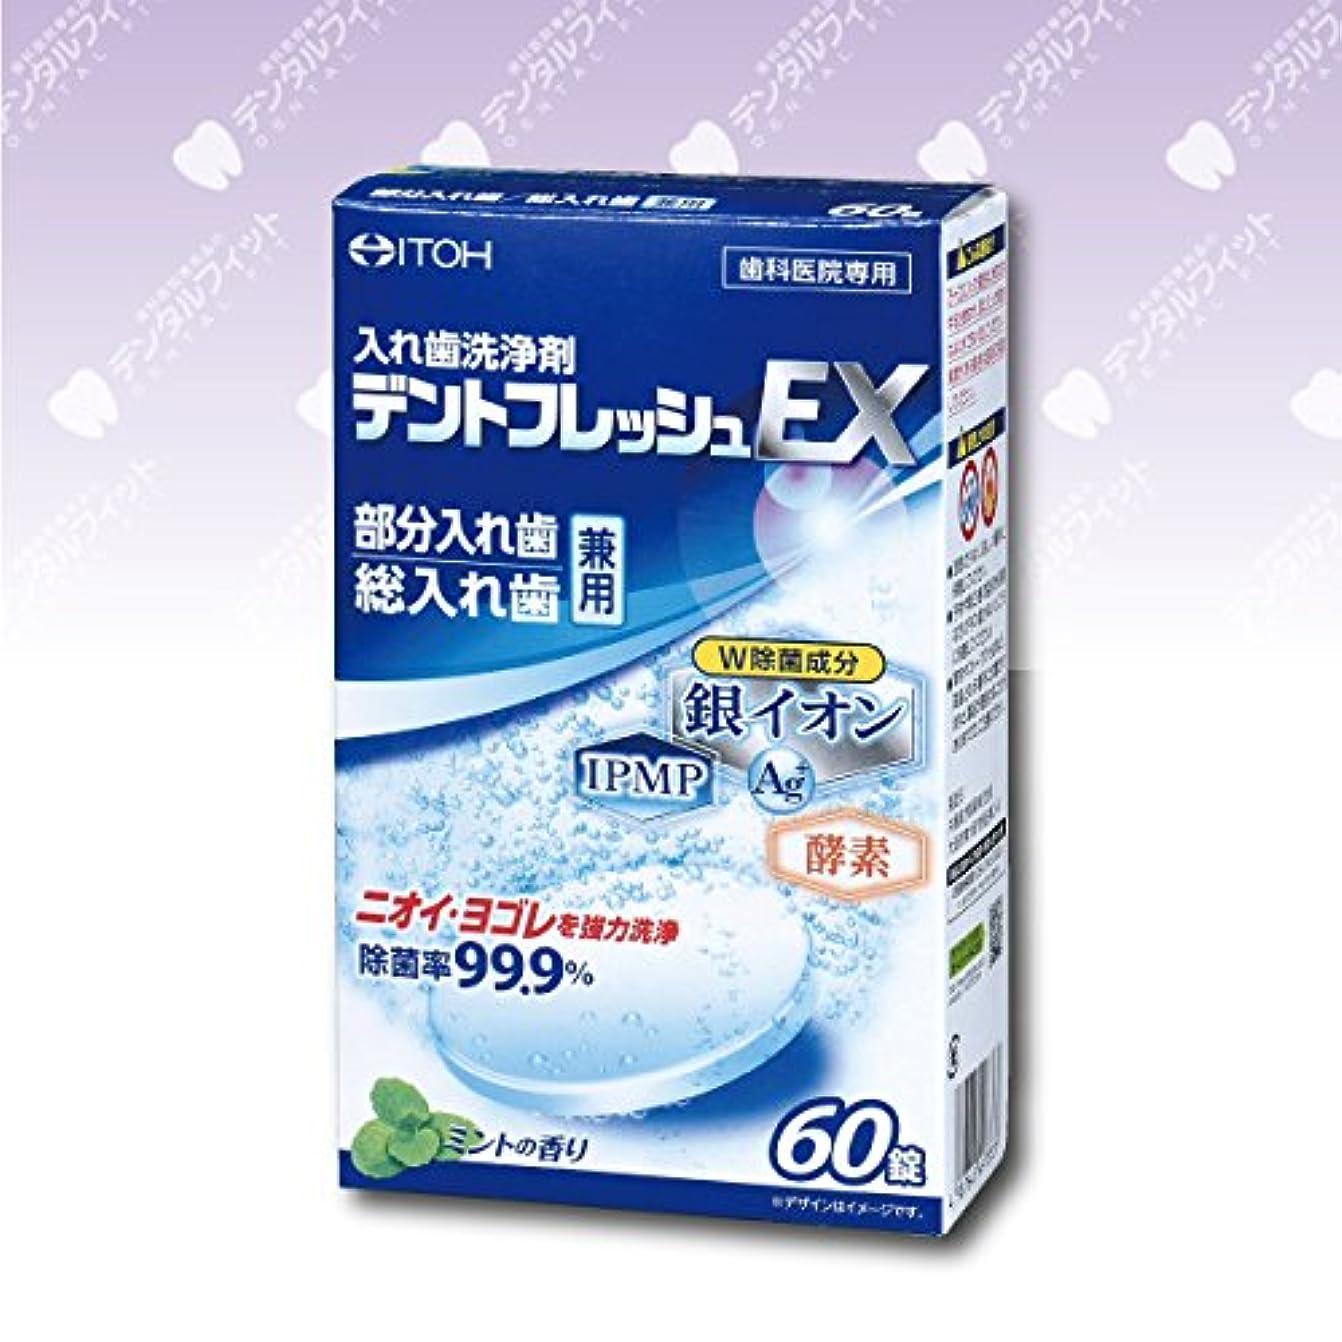 最少キリスト教チャンバー入れ歯洗浄剤 デントフレッシュEX 1箱(60錠)